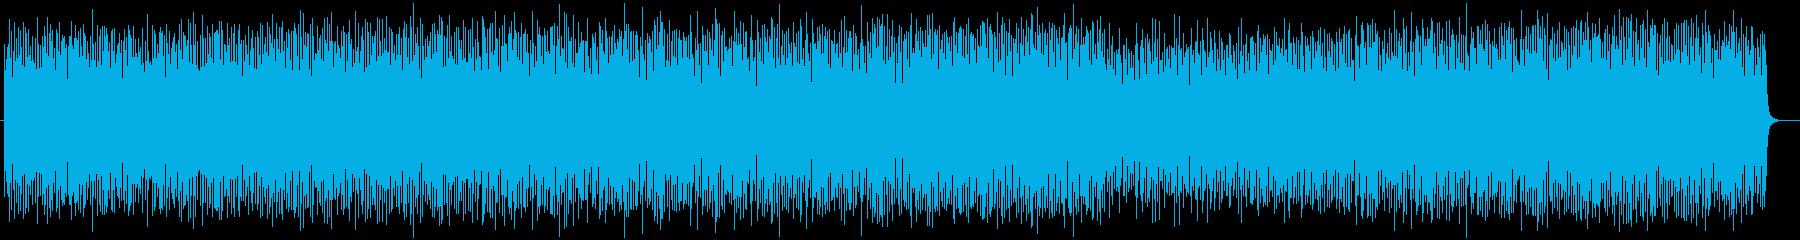 ゲームBGMポップスの再生済みの波形